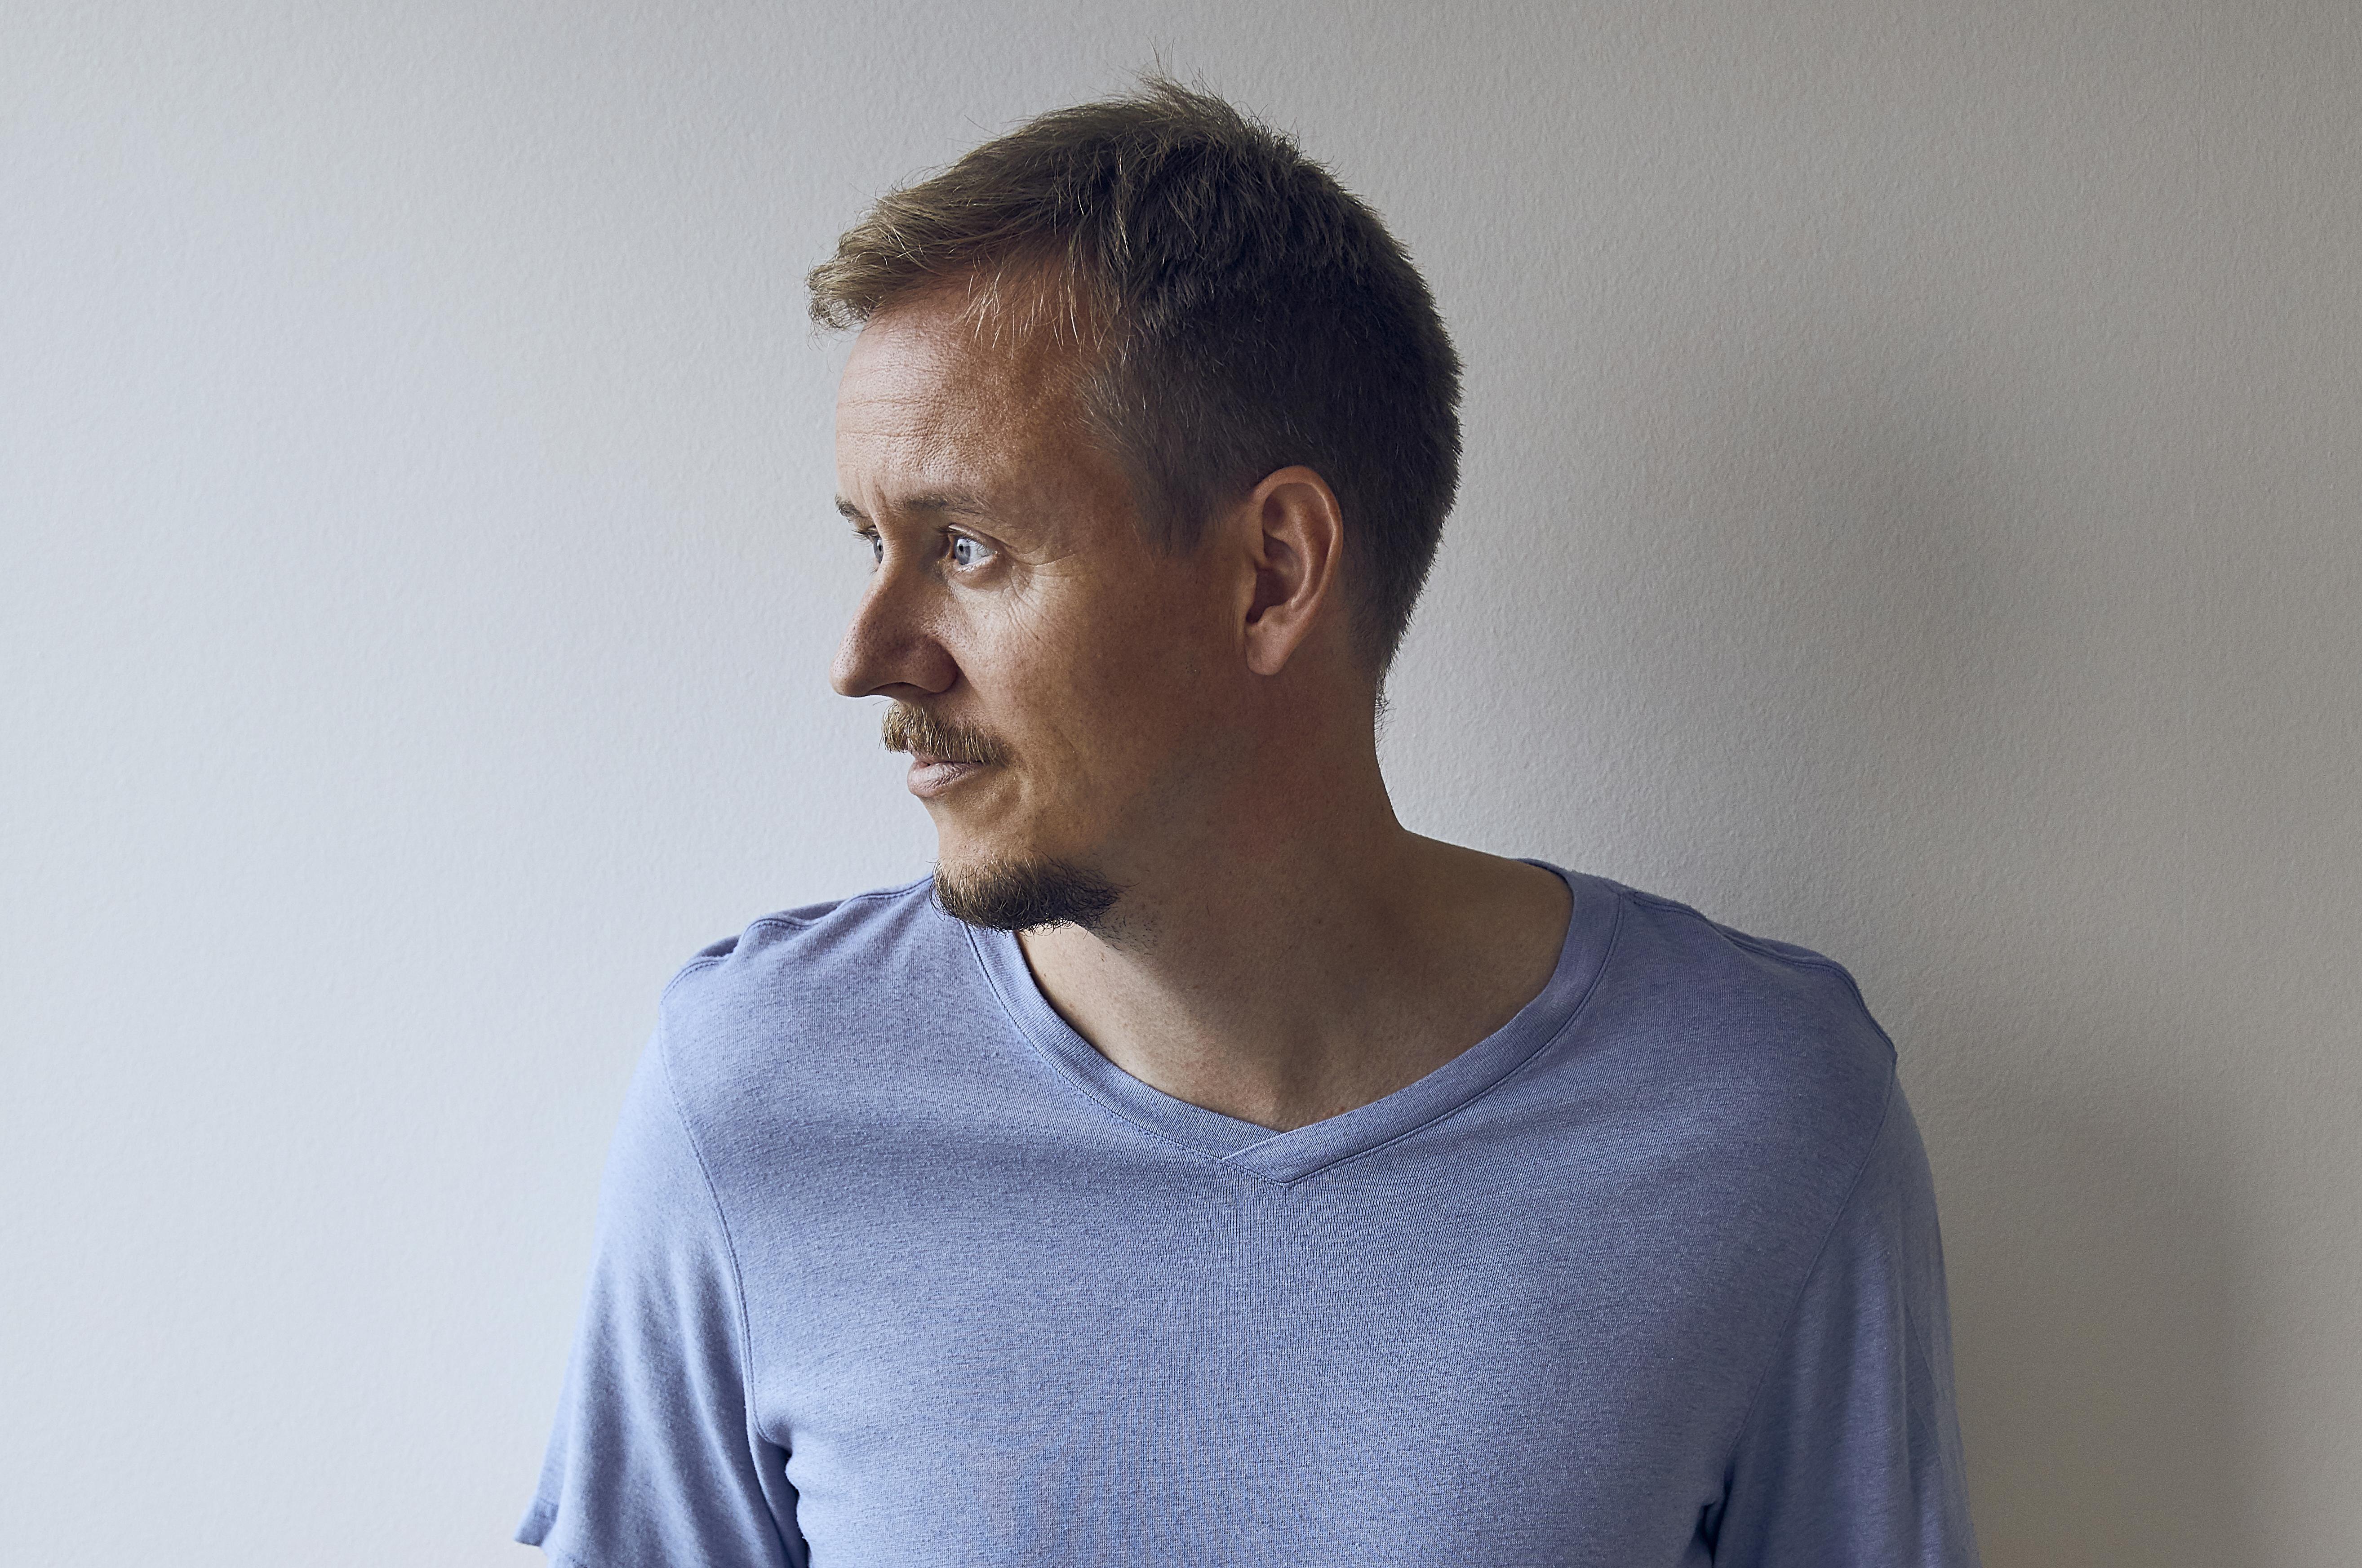 Formålet med Jesper Mortensens delte stilling er at bygge bro mellem forskning og praksis.